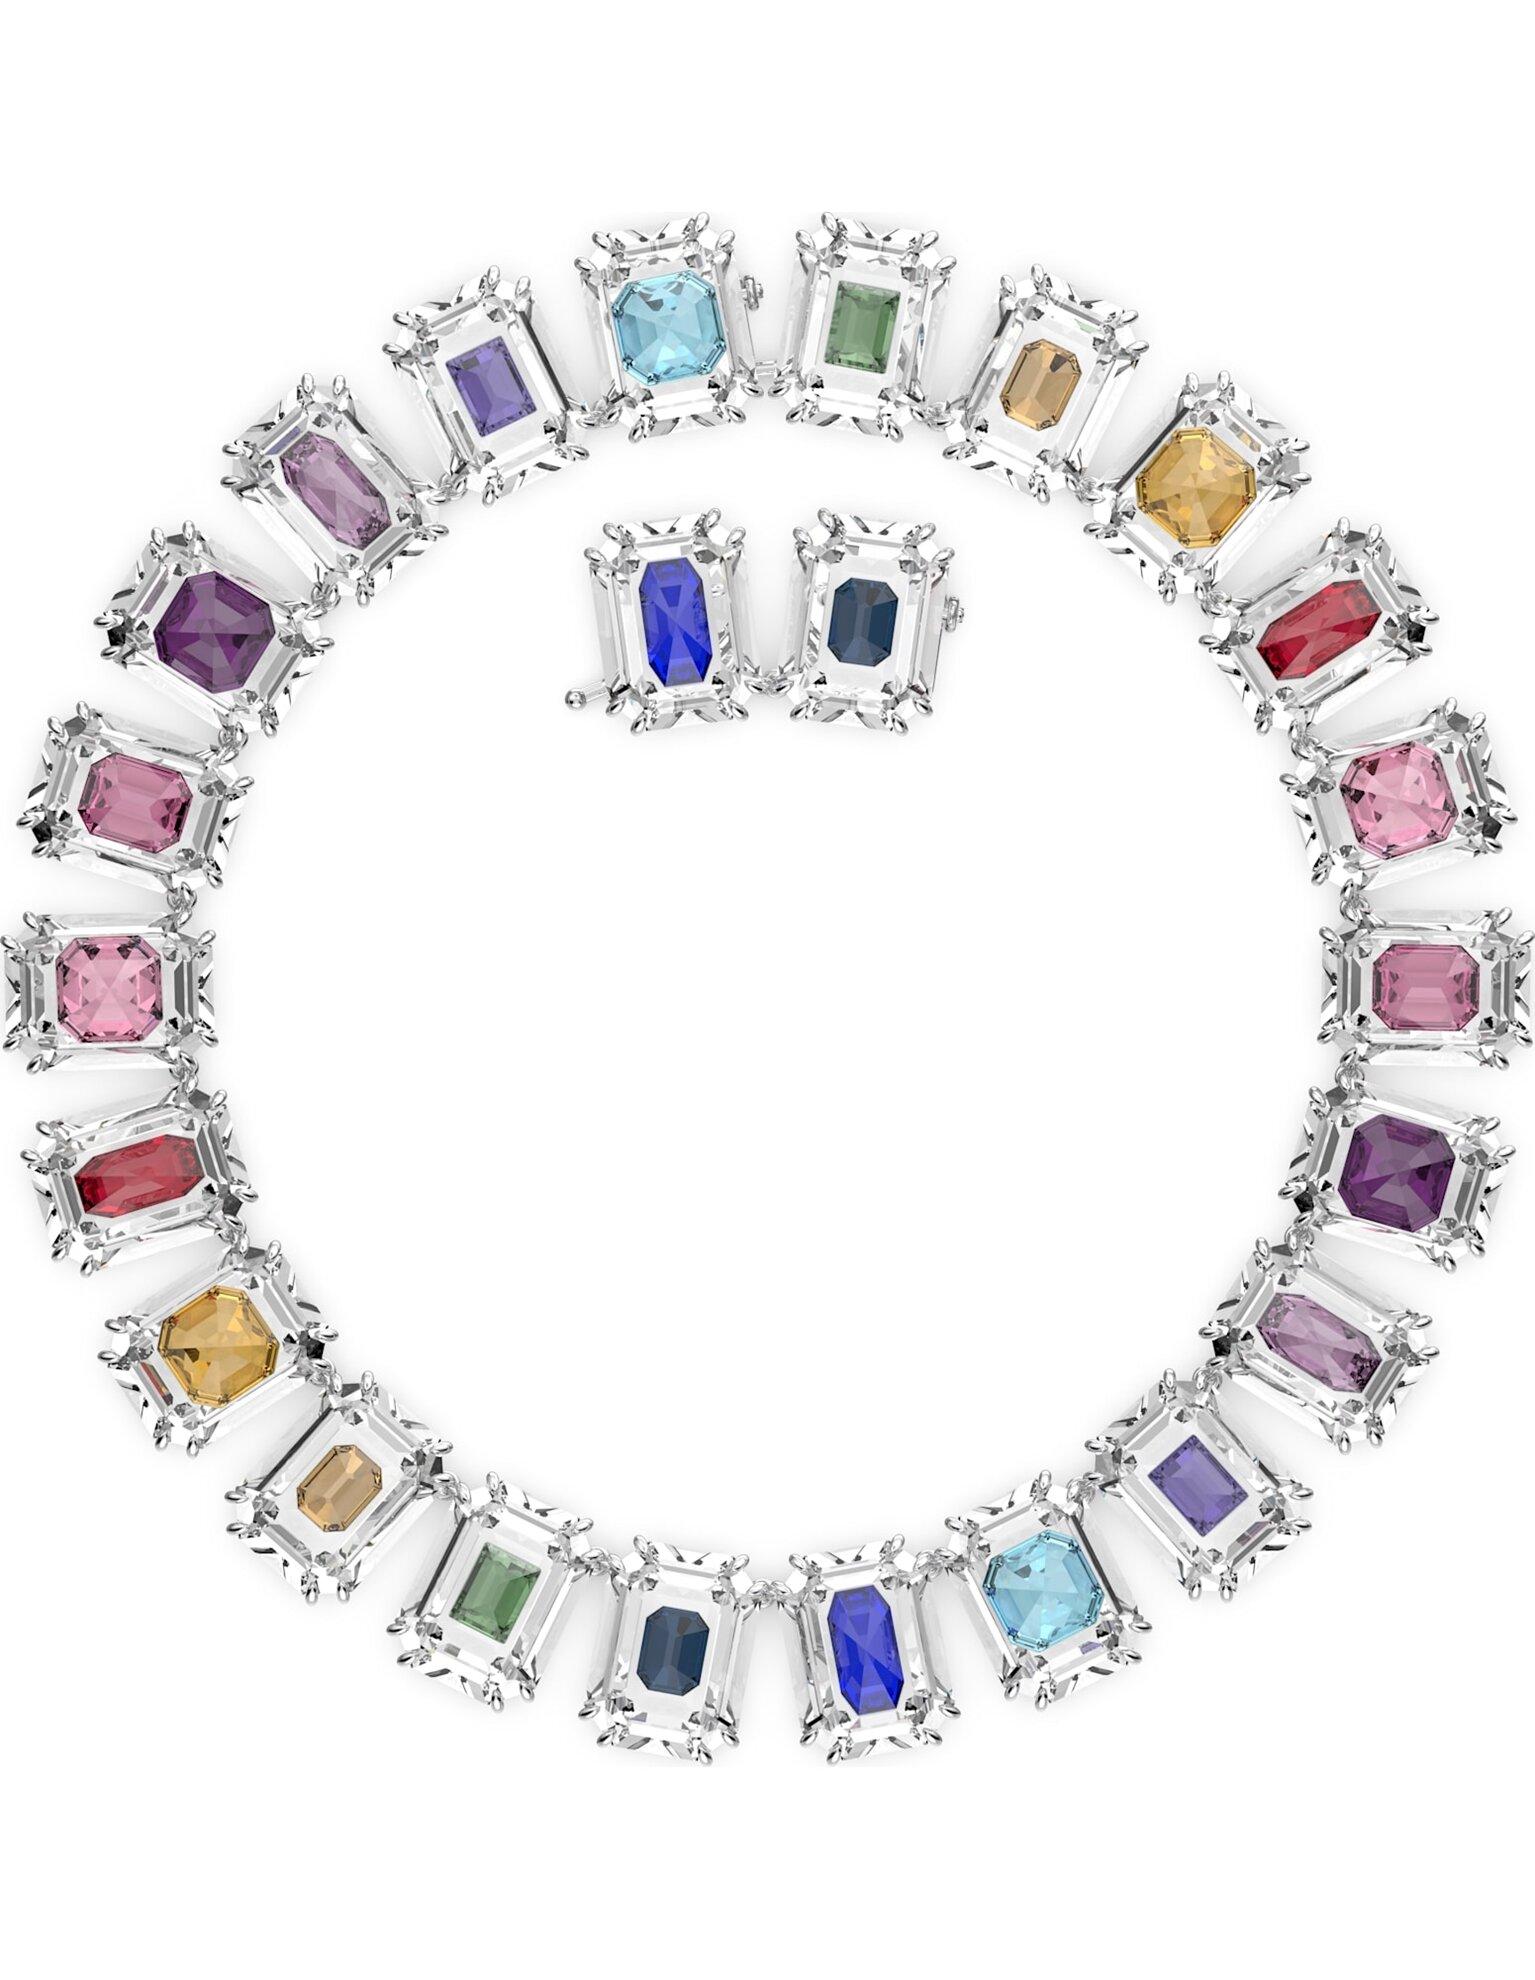 Picture of Chroma Gerdanlık, Büyük kristaller, Çok renkli, Rodyum kaplama